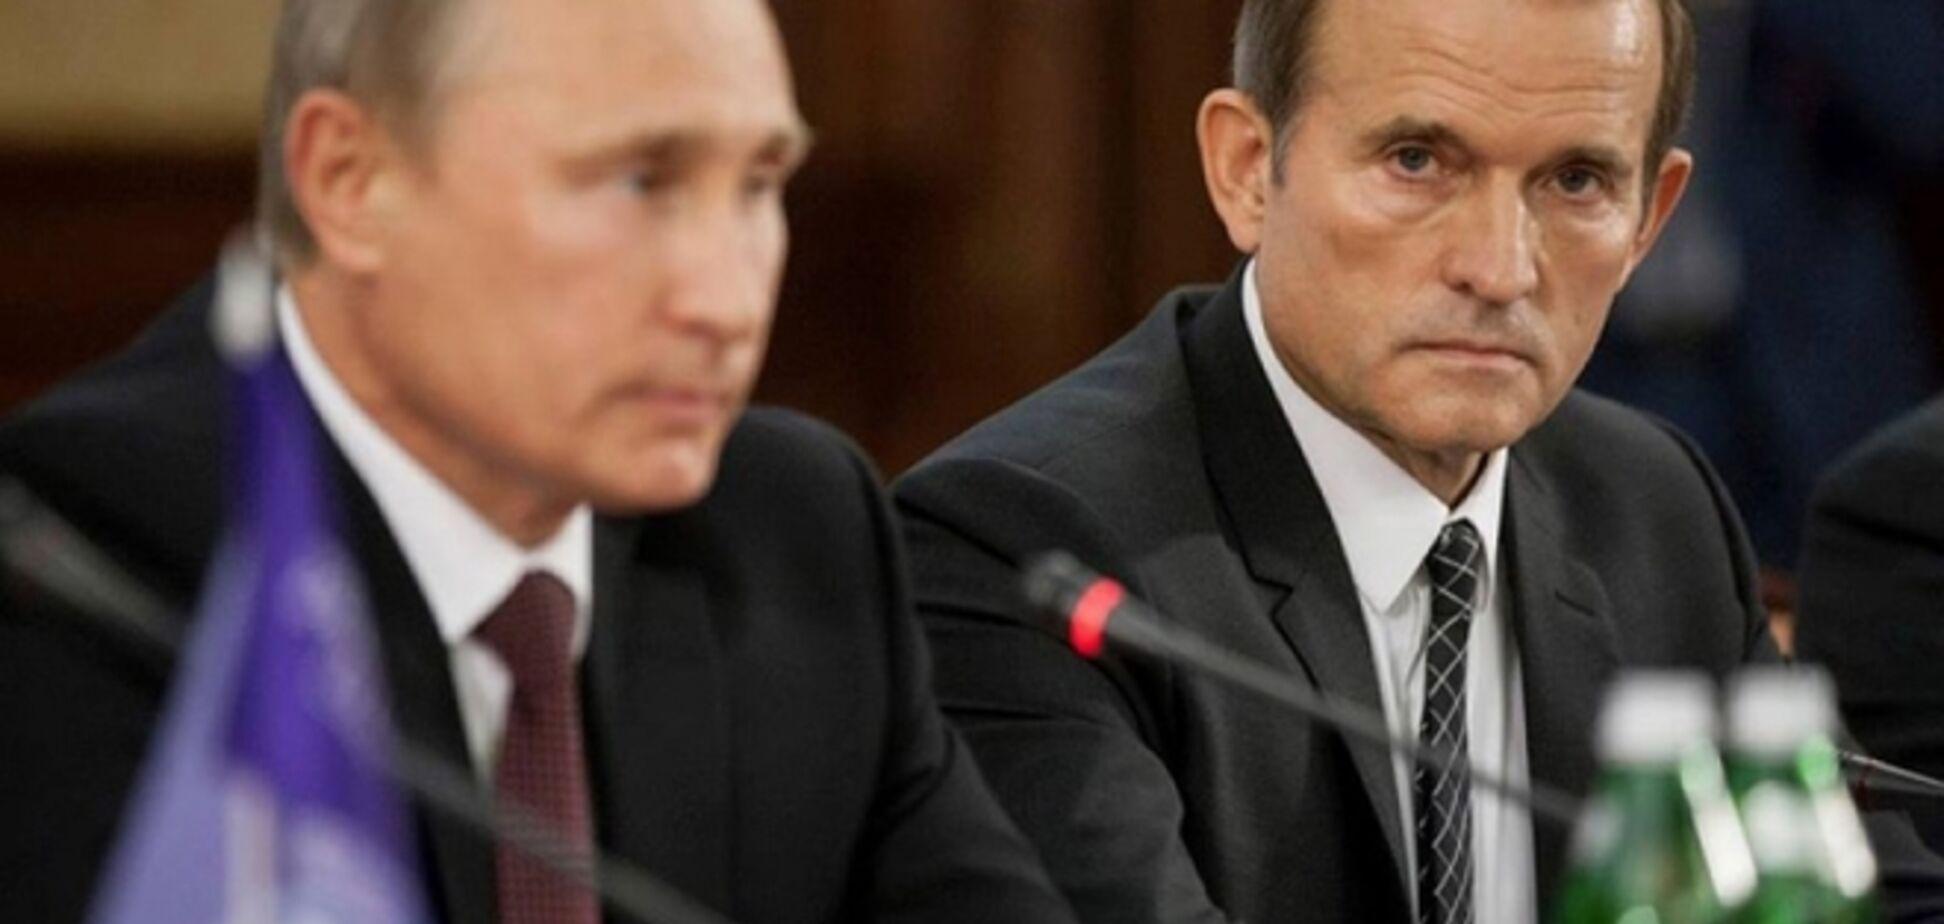 У сім'ї Медведчука табу на публічне обговорення його кумівства з Путіним